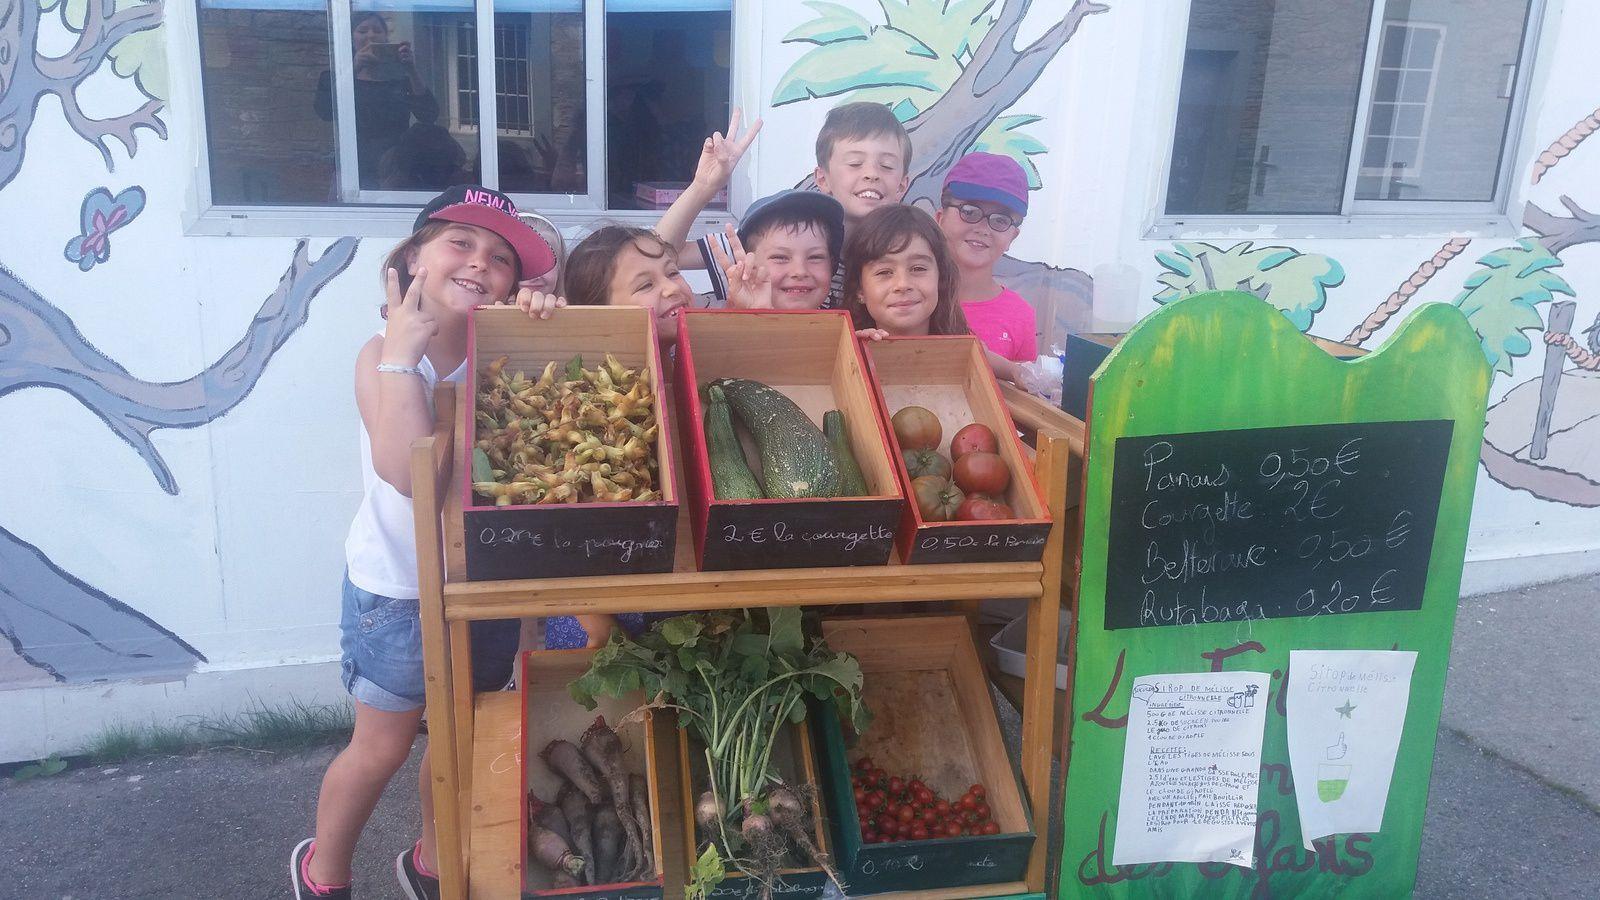 Du jardinage : Voici nos petits jardiniers, qui, après une belle récolte, vendent avec fierté, leurs légumes au profit d'une association, l'école de Preeti